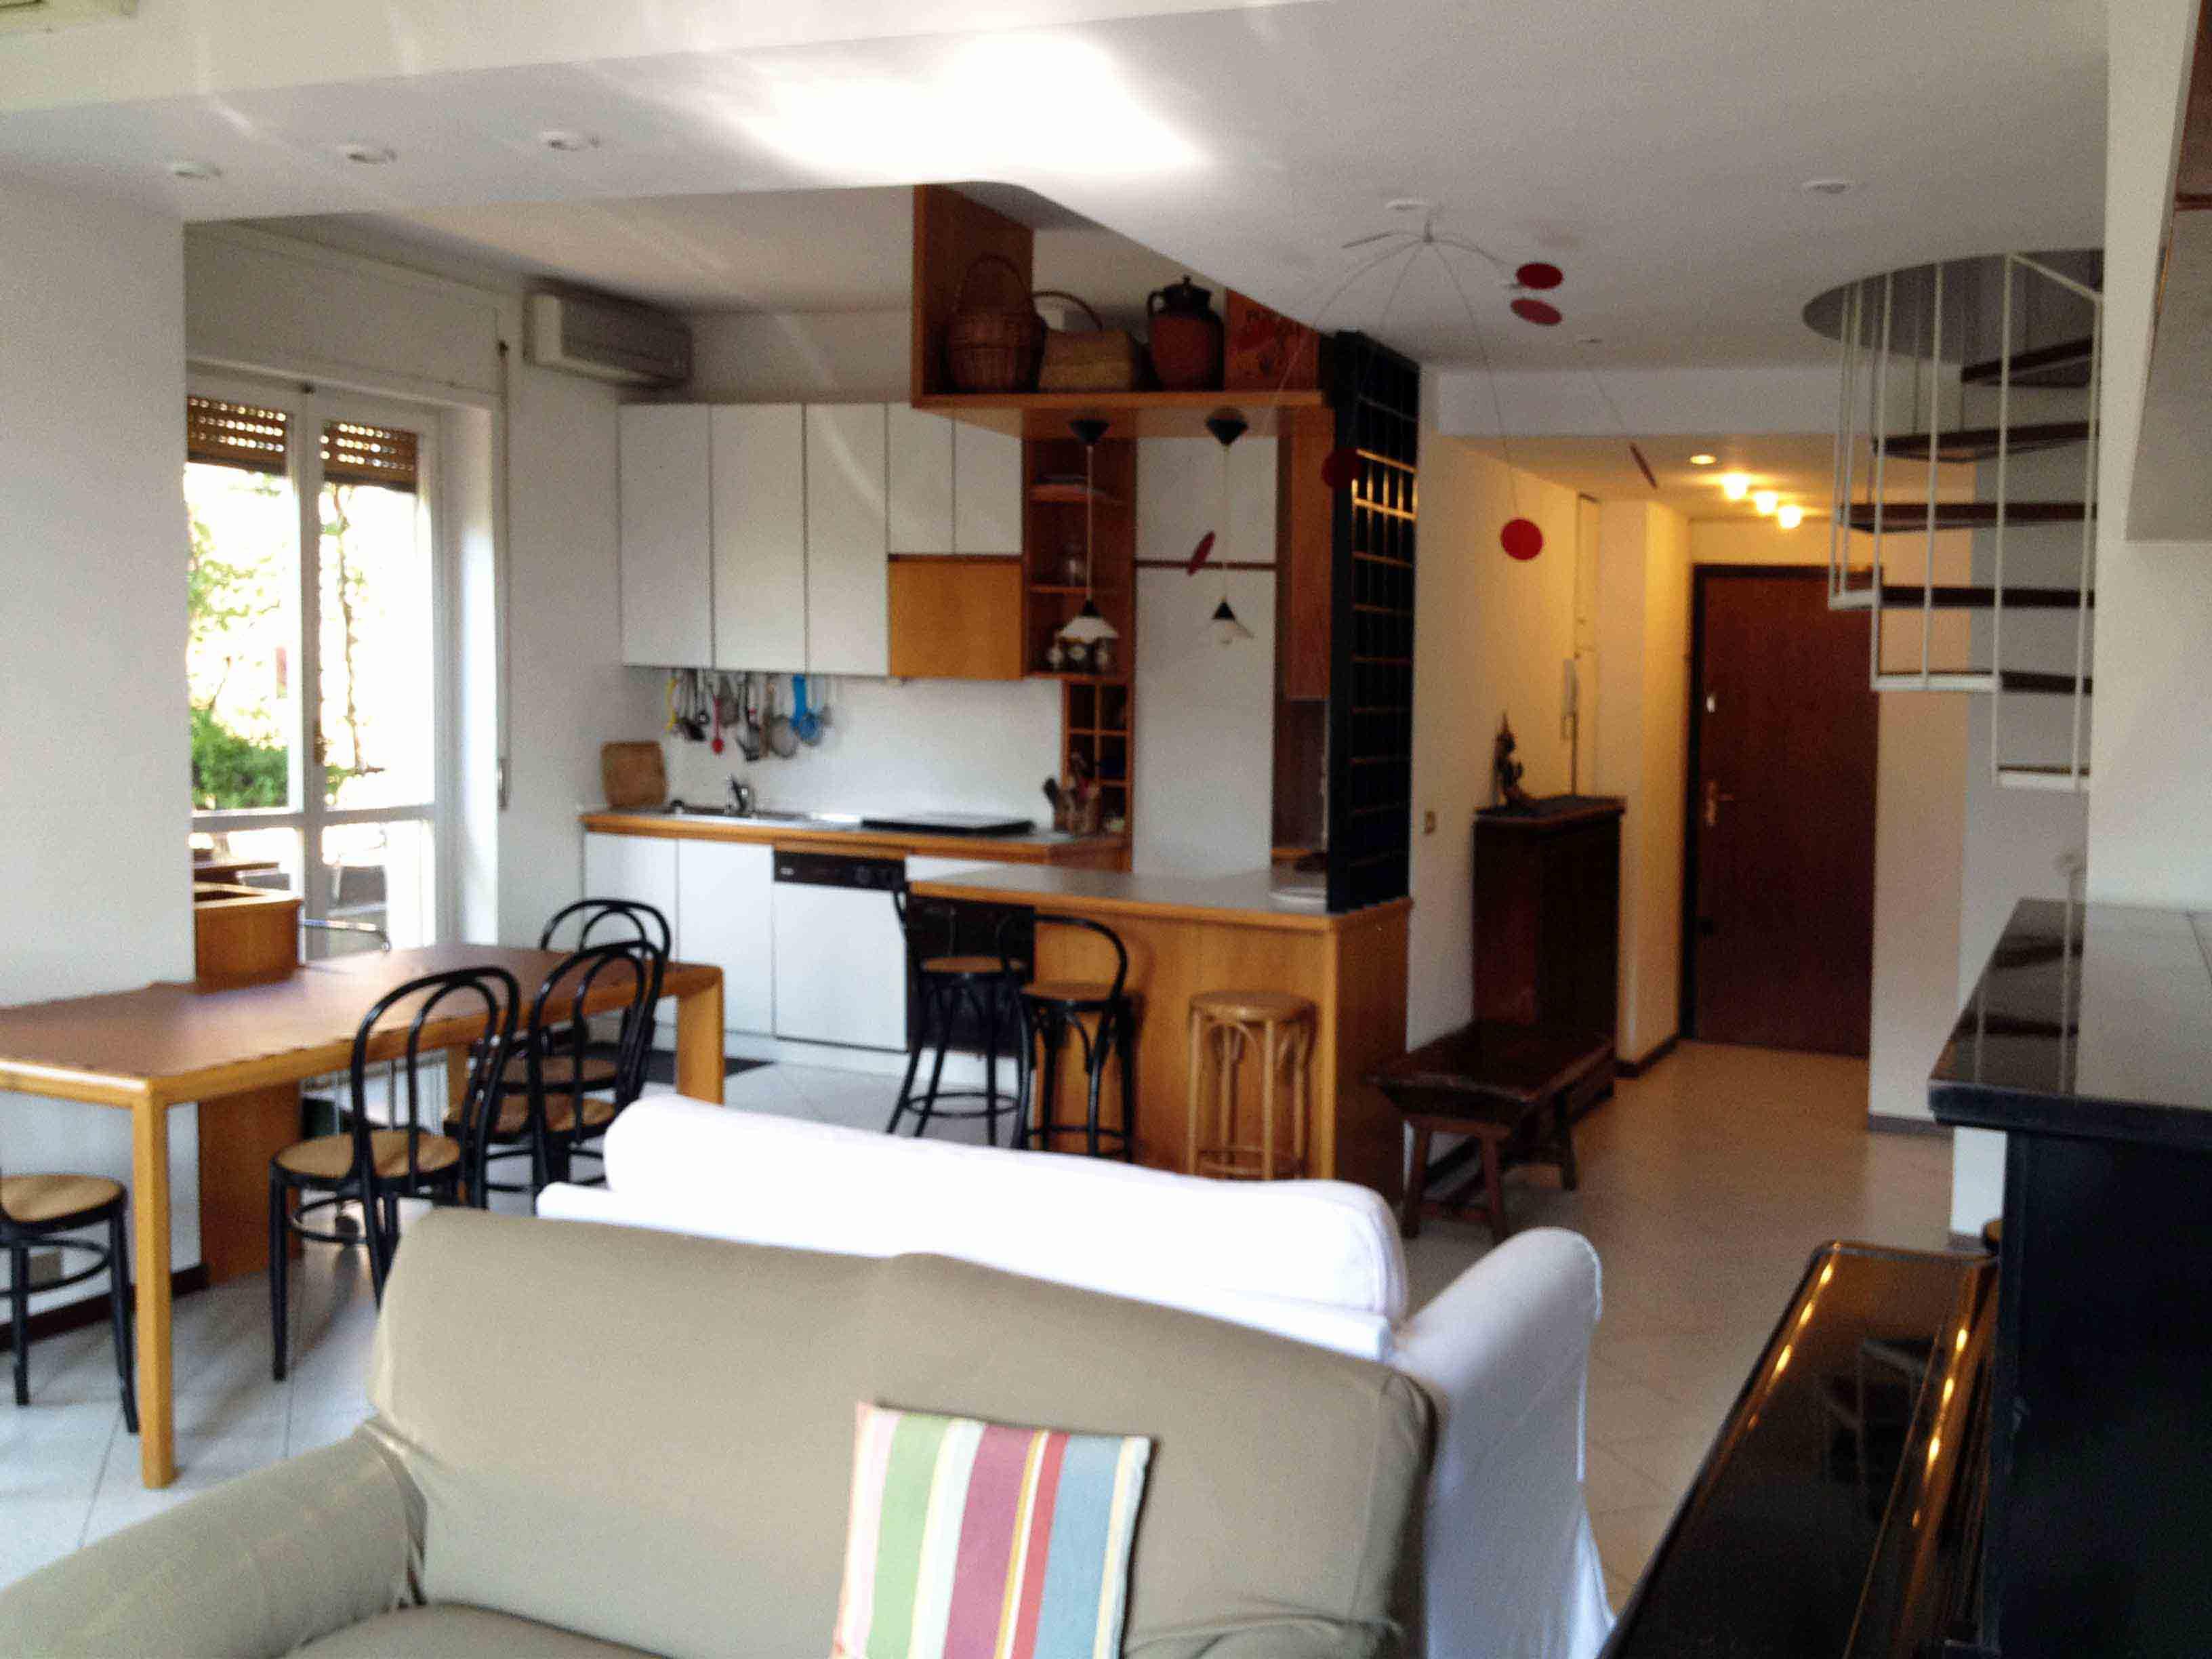 Vendita attico e super attico a milano rivista donna - Cucina e salotto ...